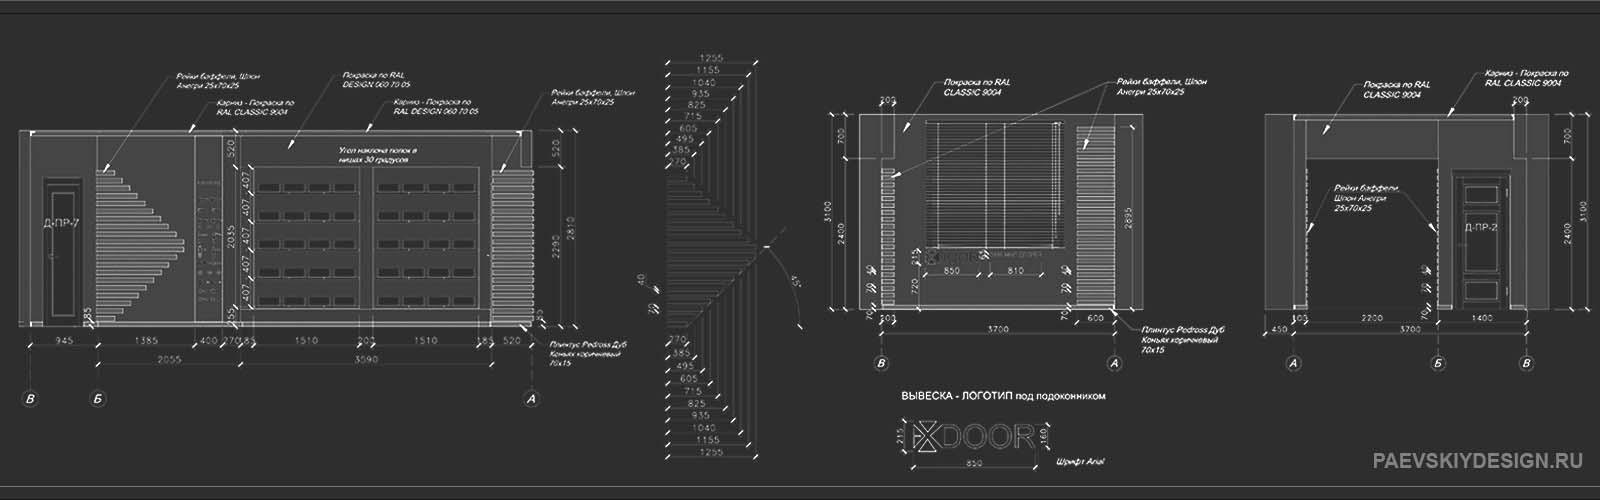 Дизайн проект интерьера таунхауса заказать в Москве